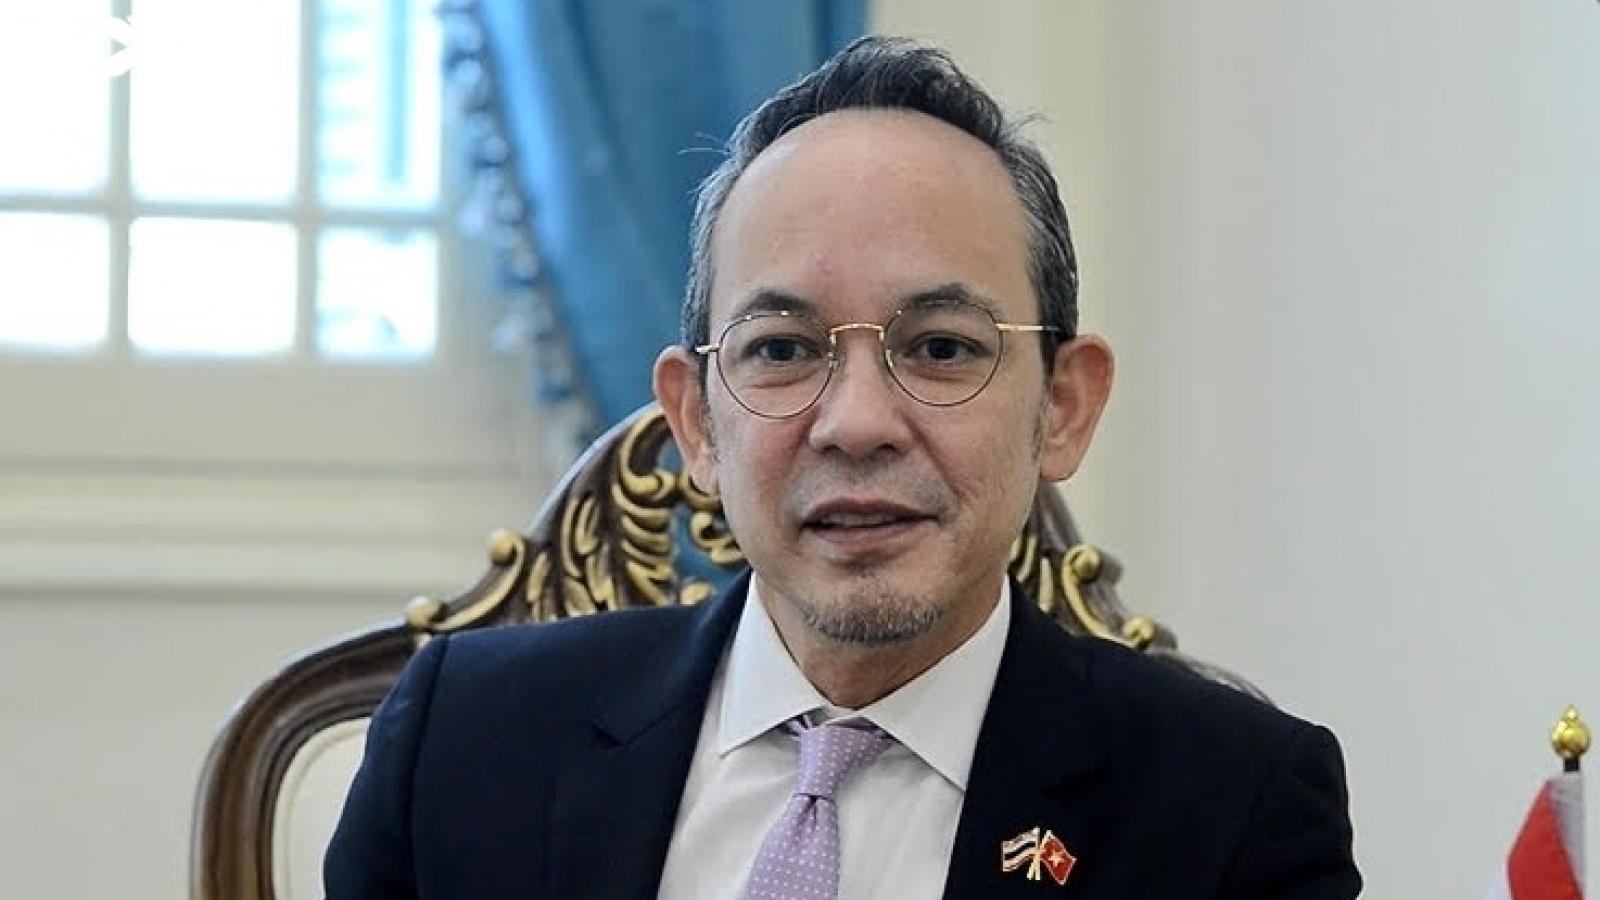 Đại sứ Balankura: Thái Lan và Việt Nam có nền tảng quan trọng để thúc đẩy hợp tác